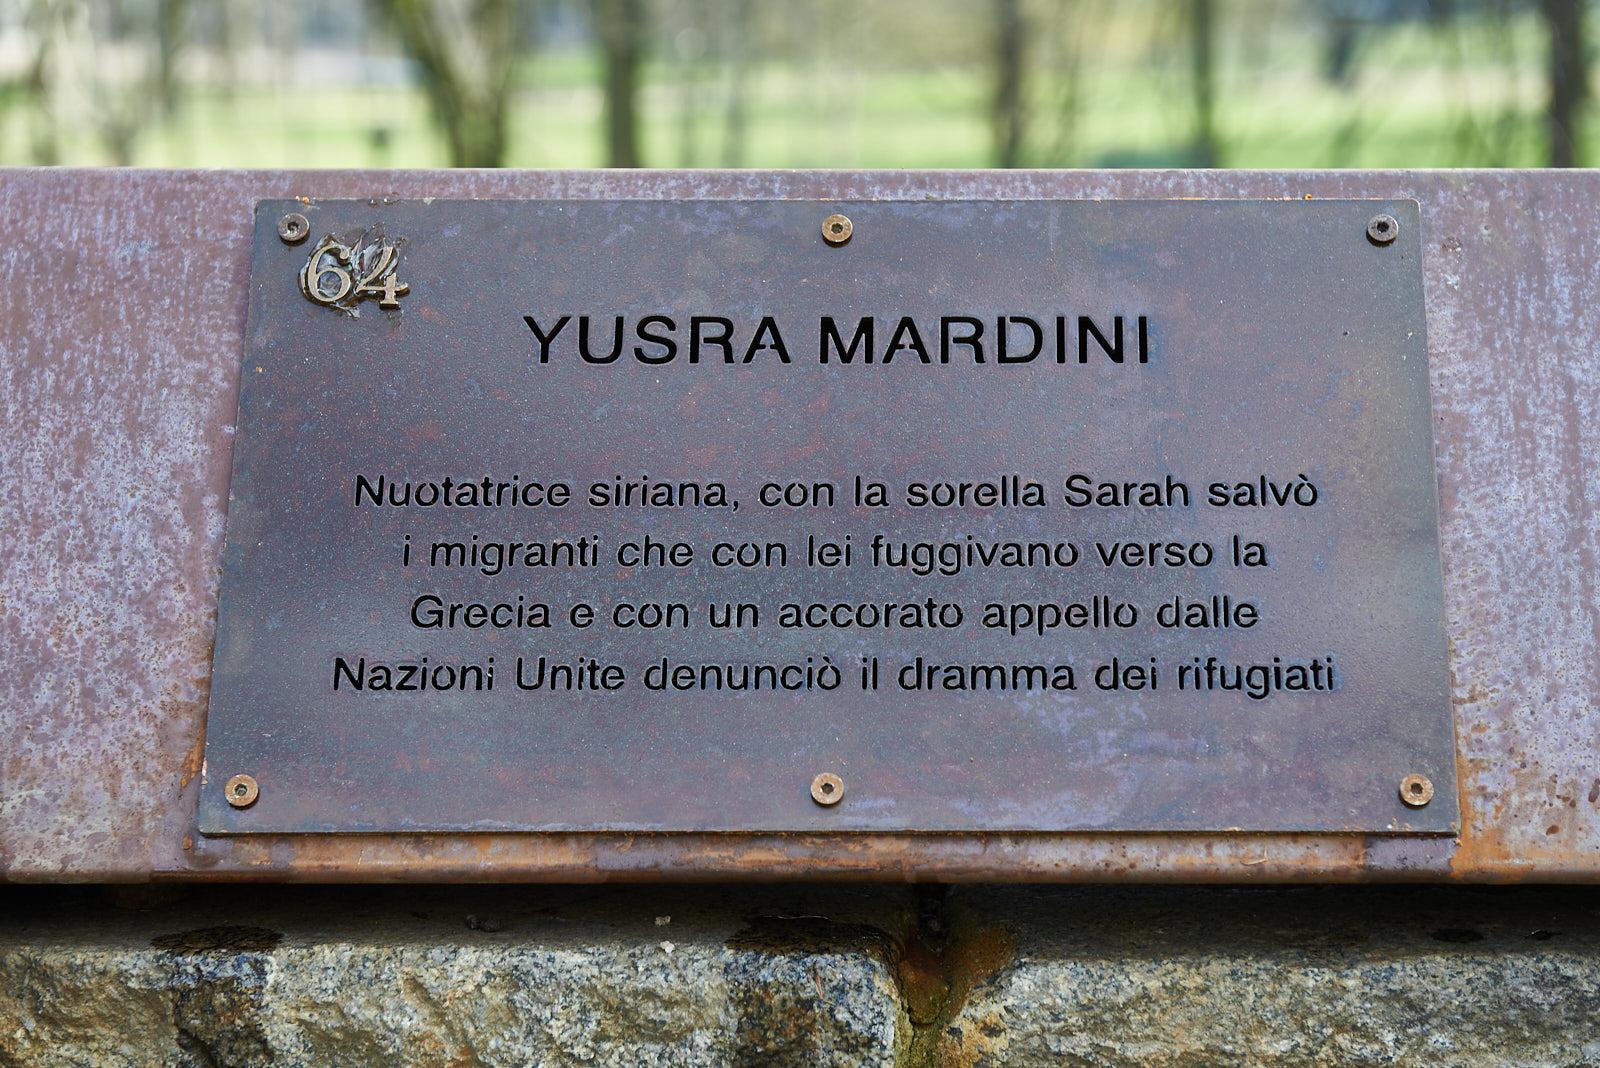 Targa dedicata a Yusra Mardini